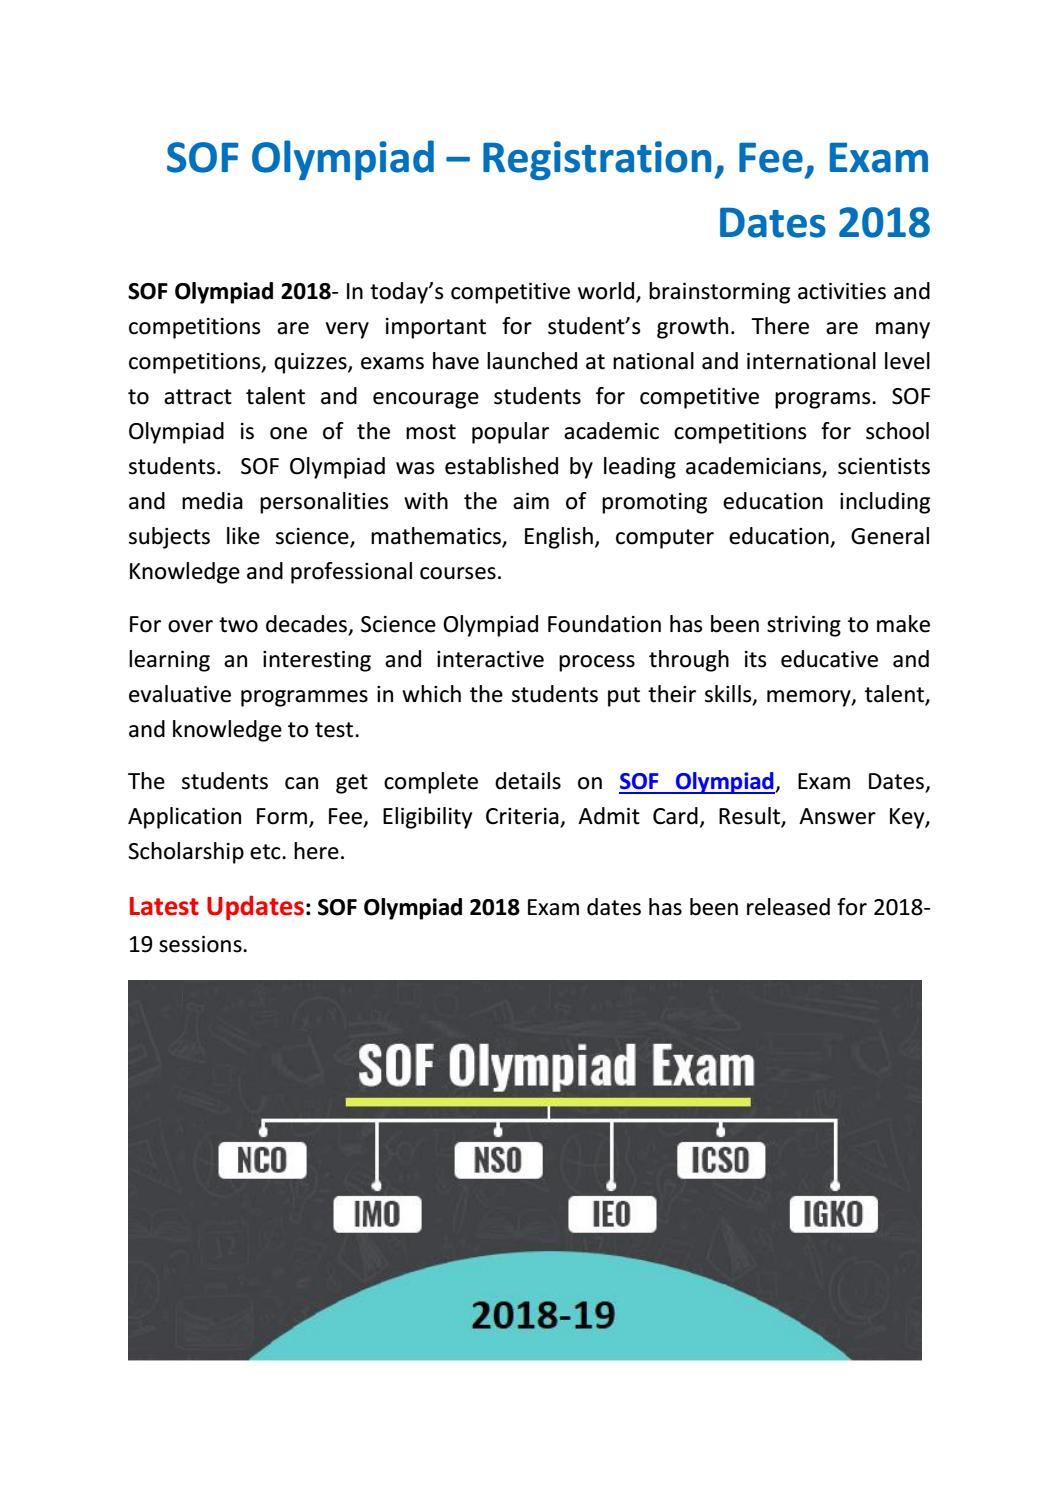 SOF Olympiad – Registration, Fee, Exam Dates 2018 by Riya Ahuja - issuu